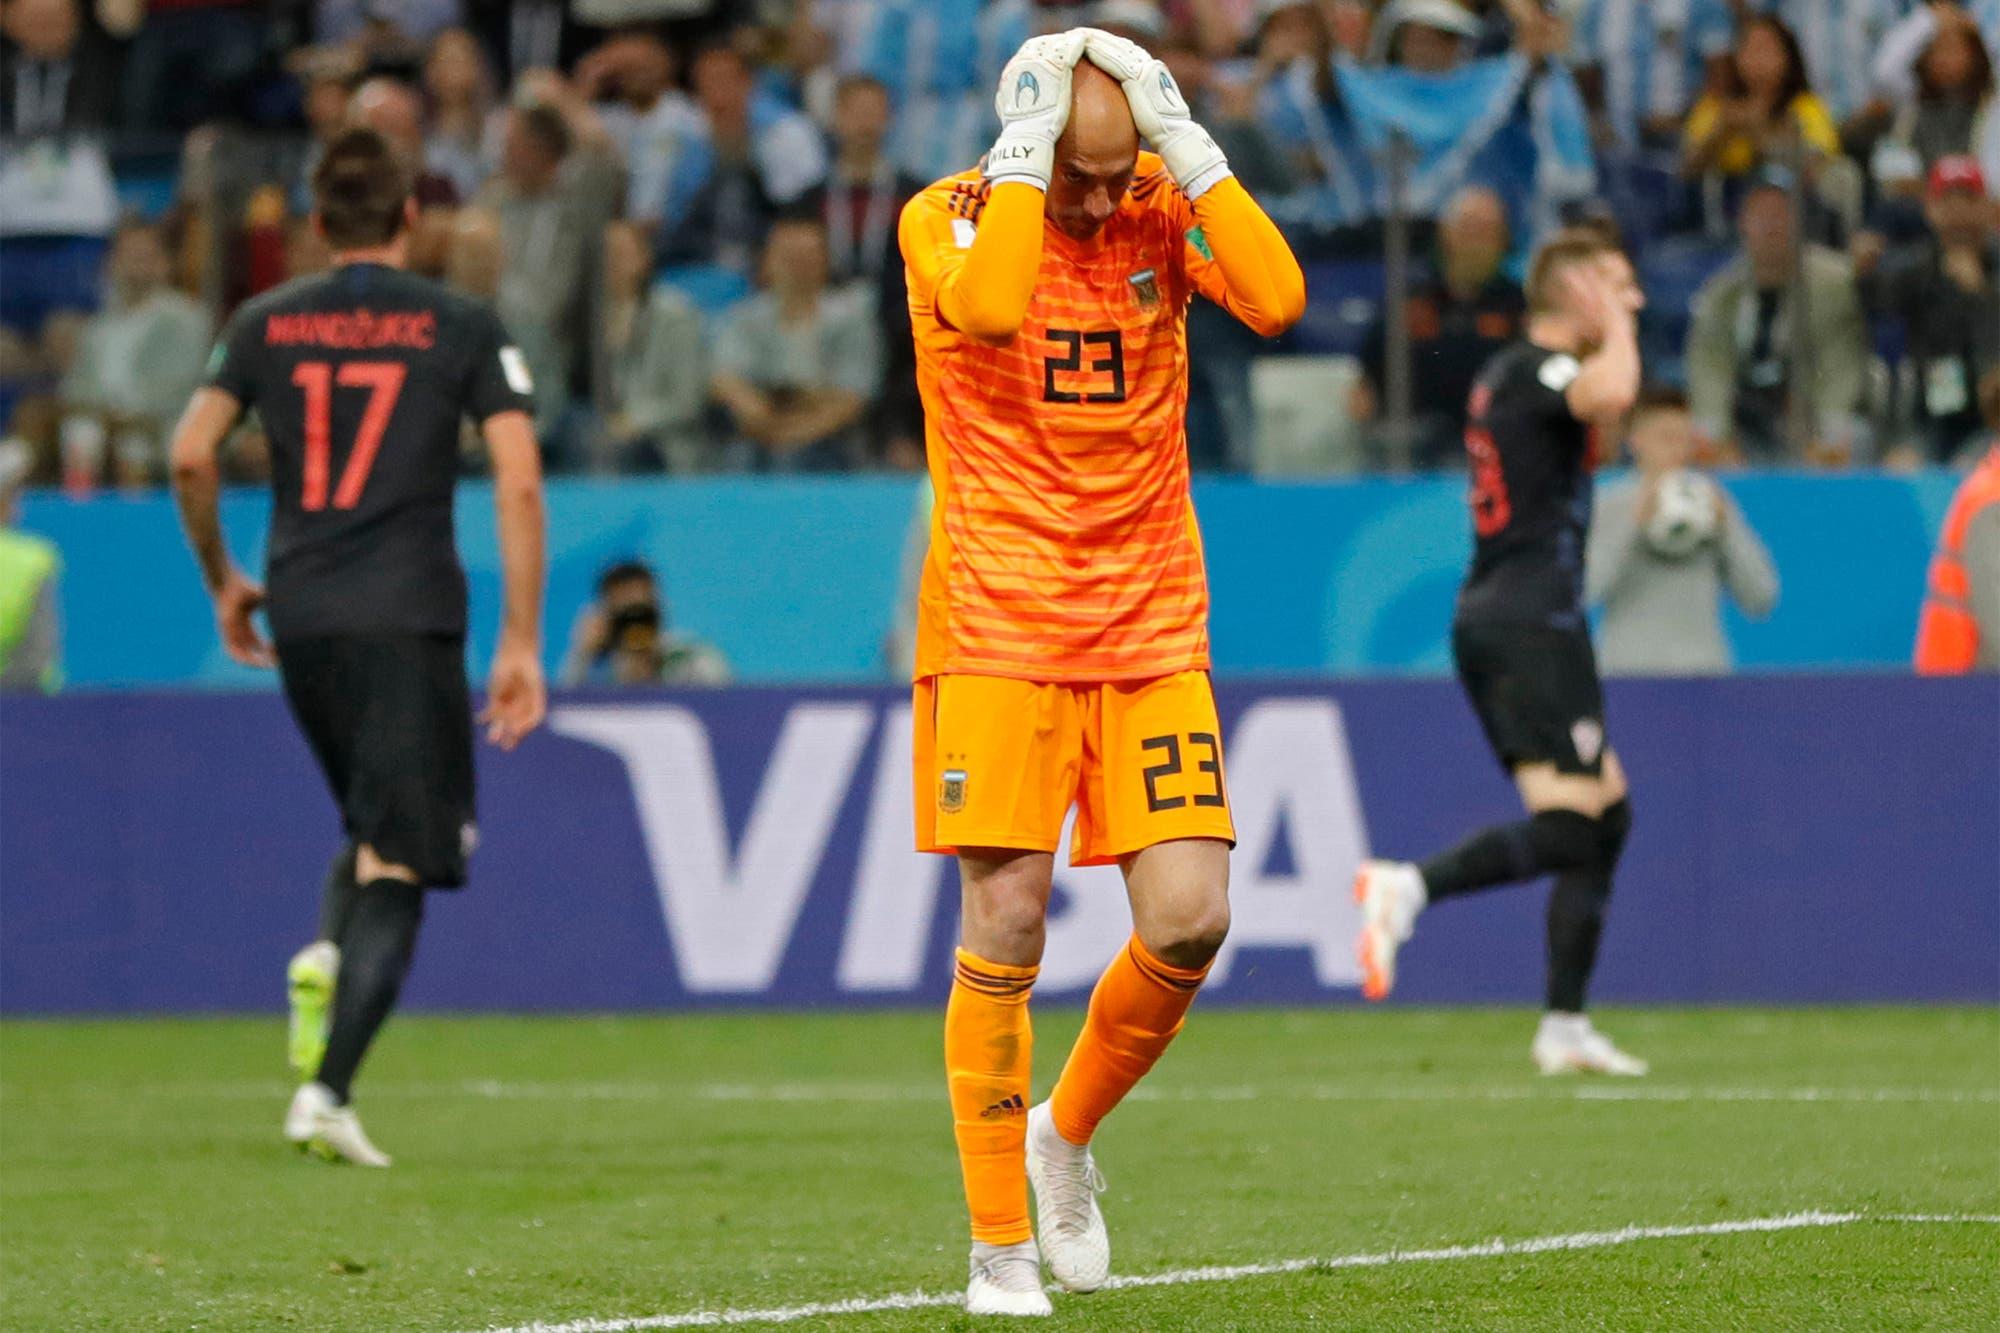 """Wilfredo Caballero, categórico con Sampaoli y la experiencia del Mundial Rusia 2018: """"Si fuera fanático, lo hubiese mandado..."""""""